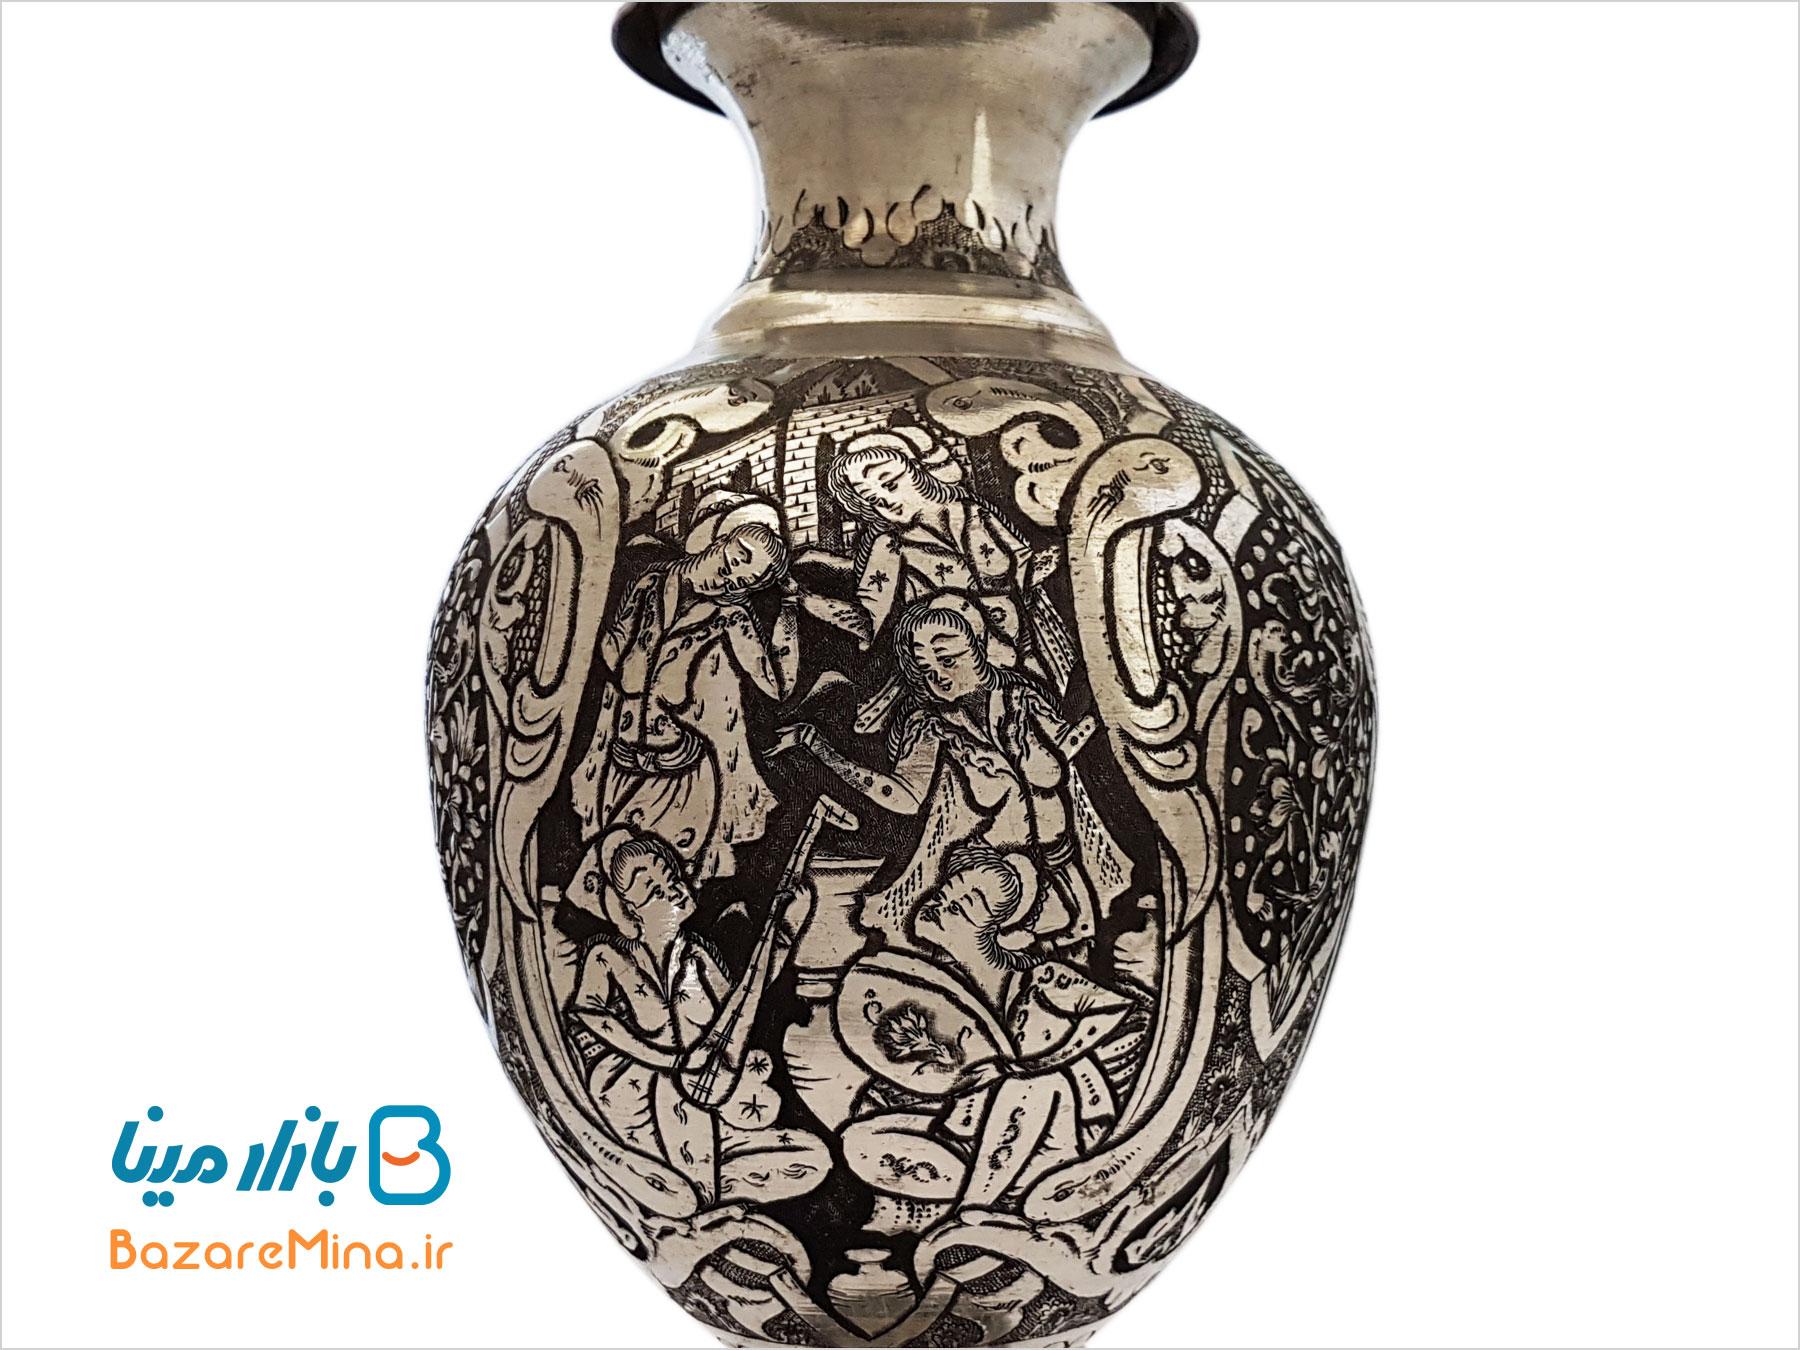 سنبلدان قلمزنی شده اصفهان